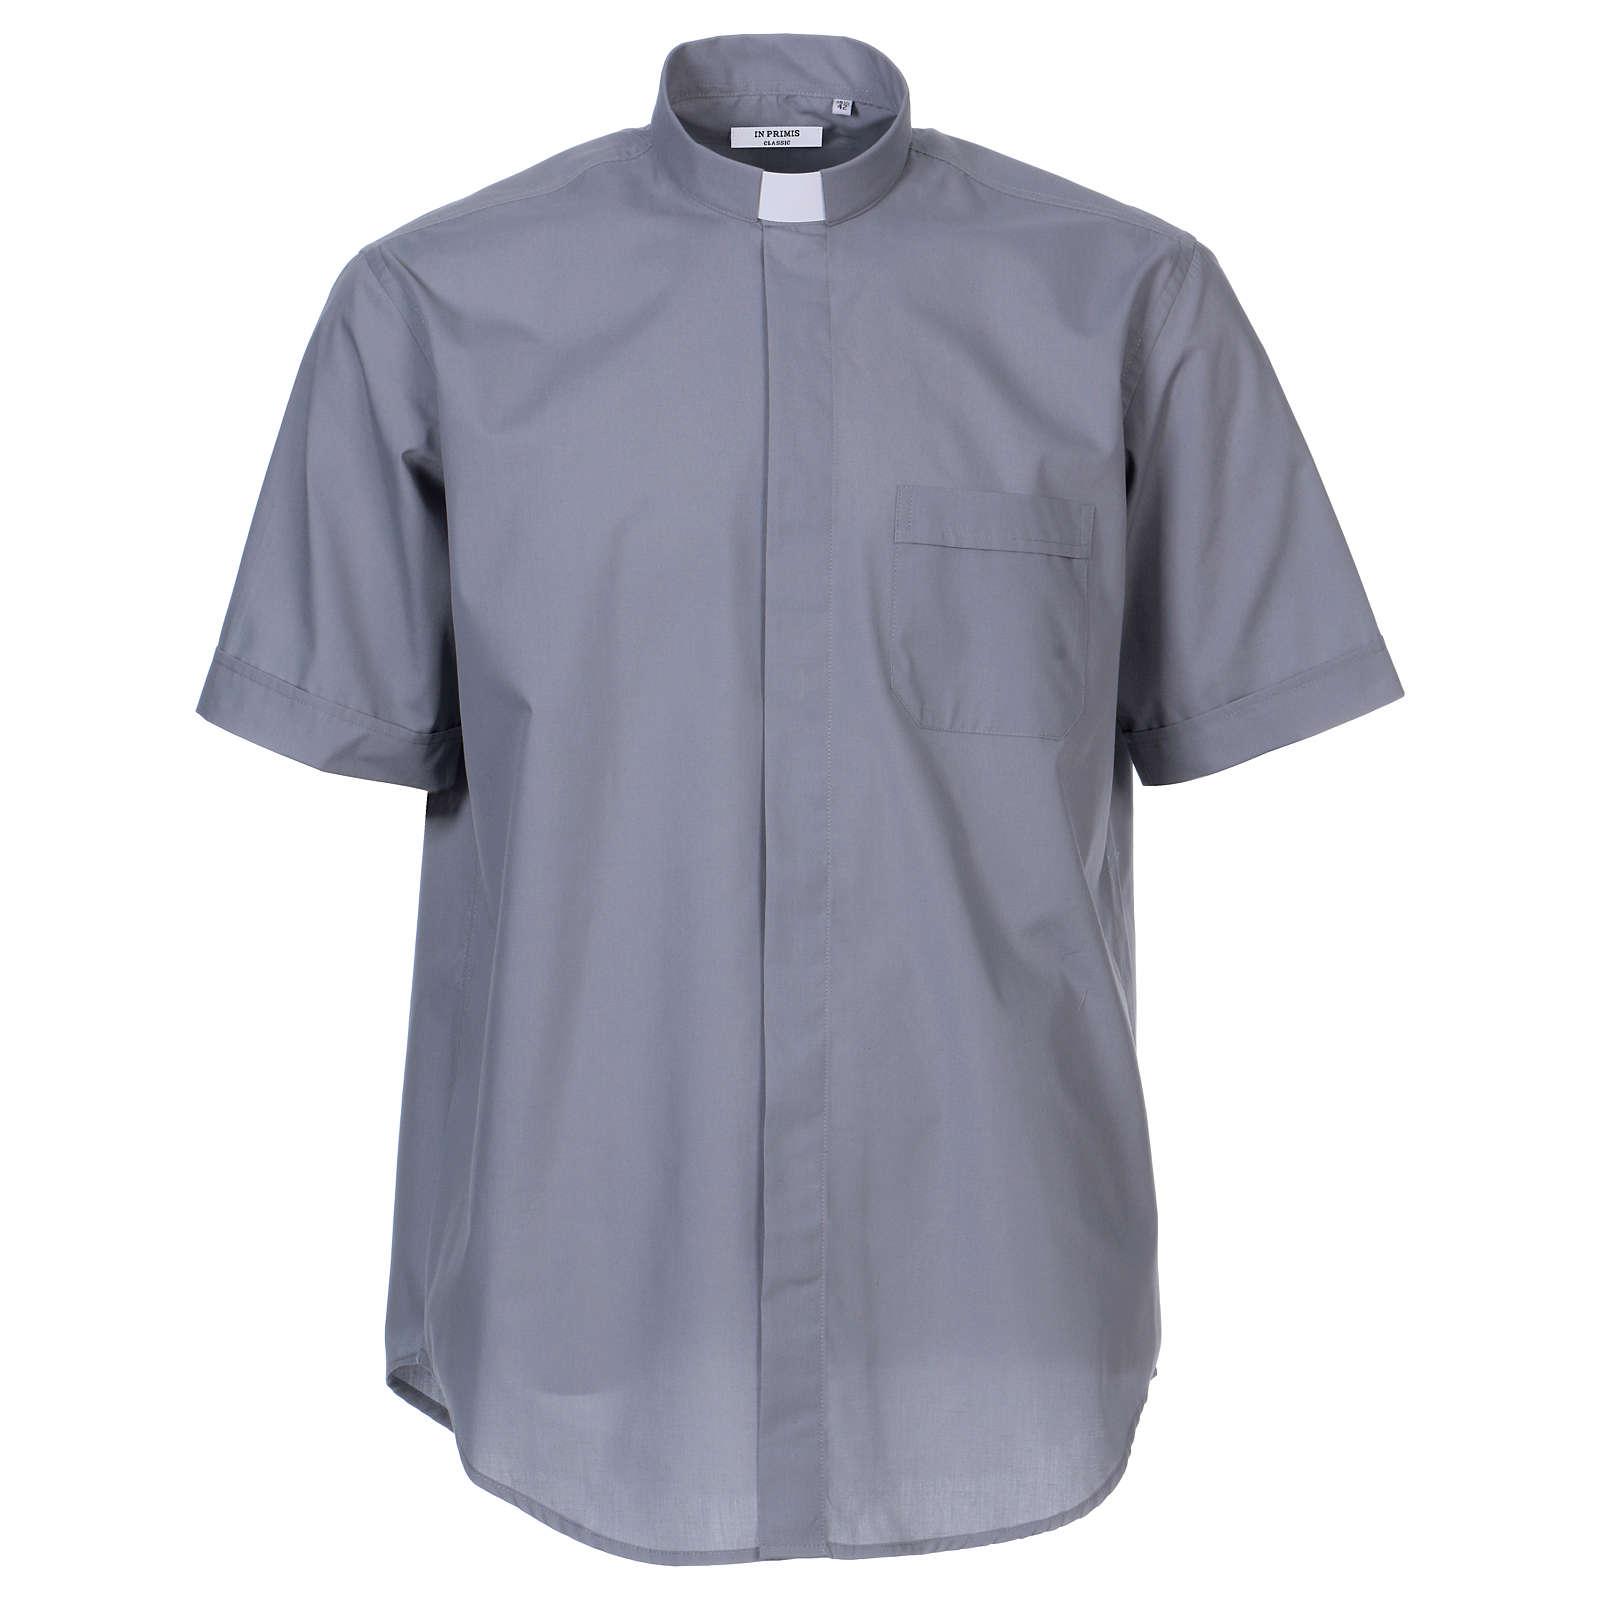 Camicia clergyman manica corta misto cotone grigio chiaro 4